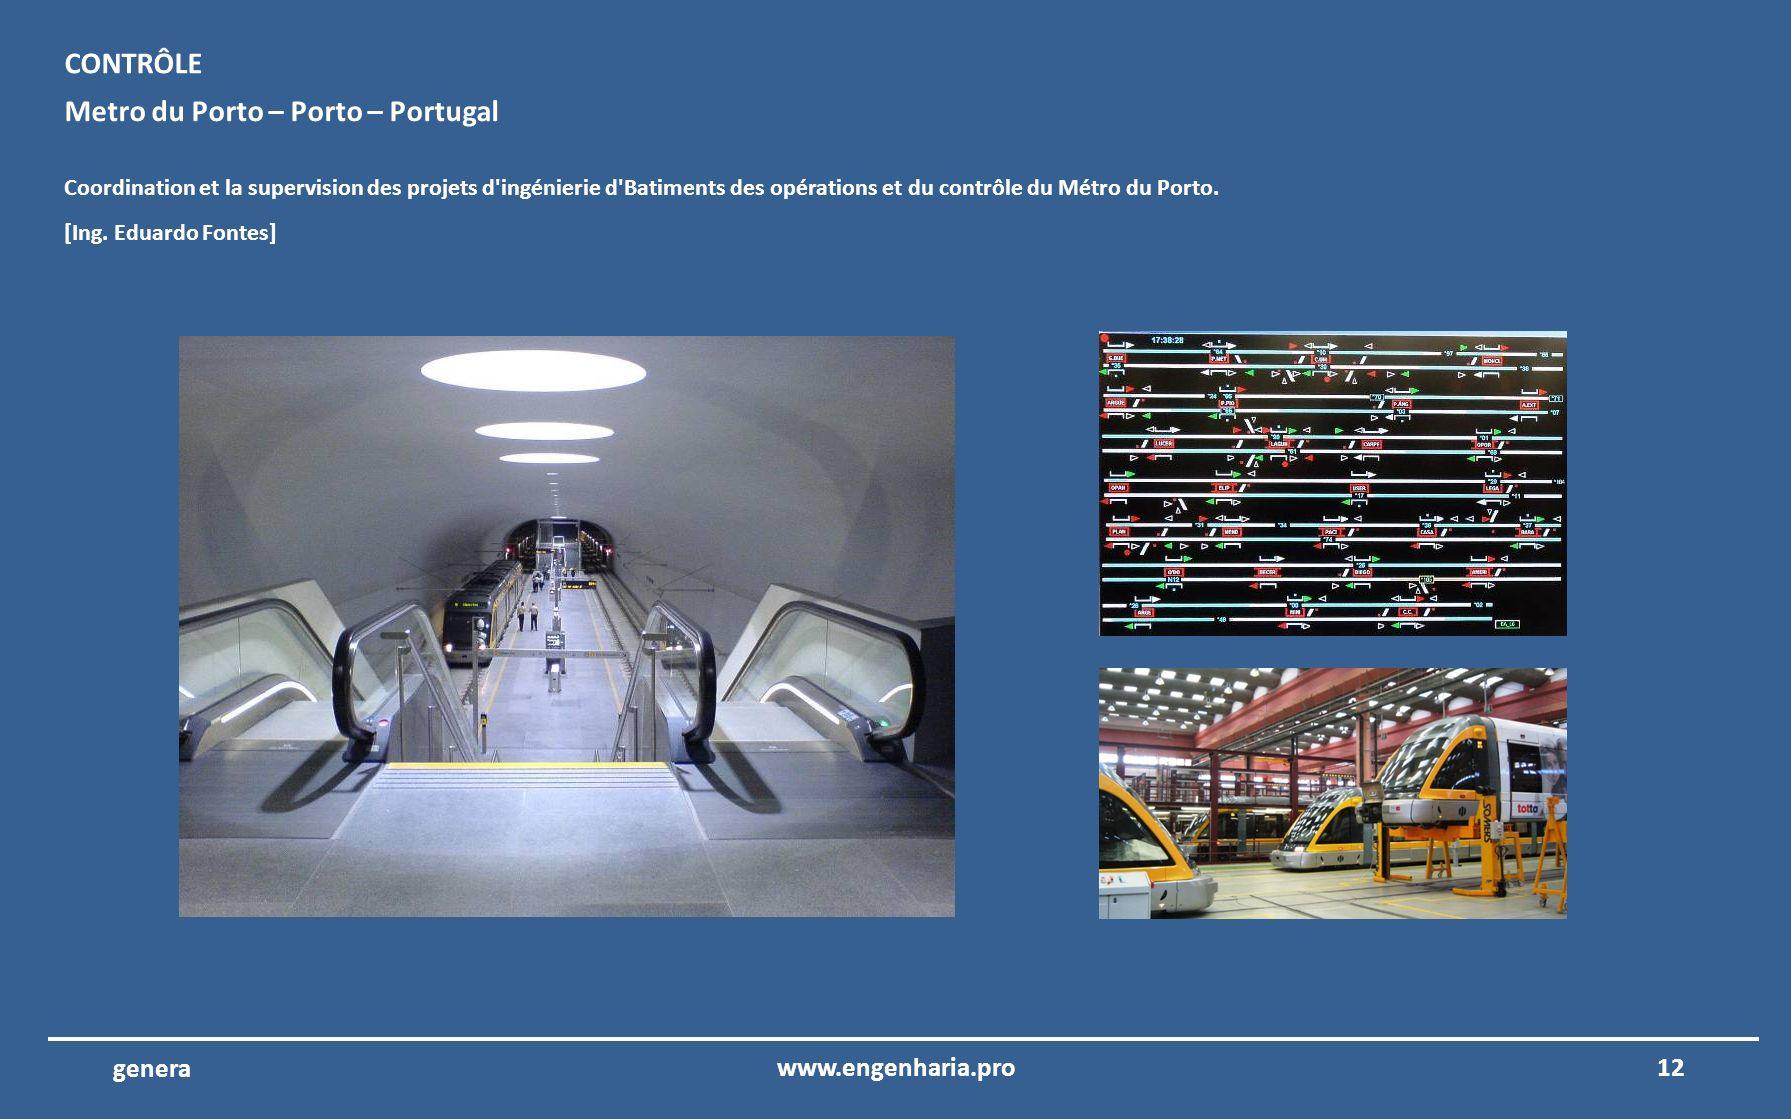 Metro du Porto – Porto – Portugal